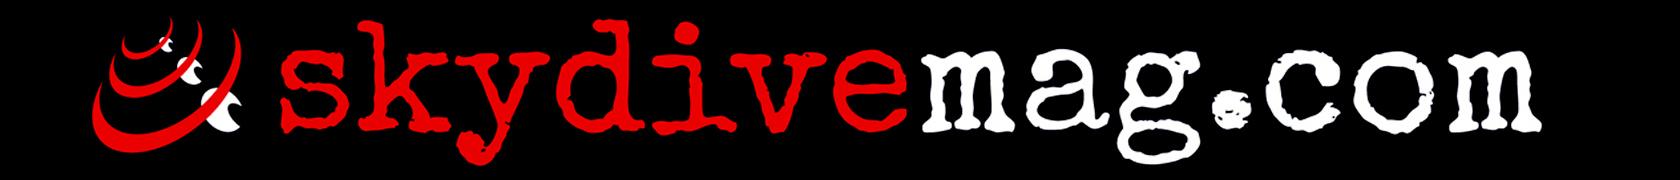 Skydivemag.com-logo-VXtemp-crop-lg-opt